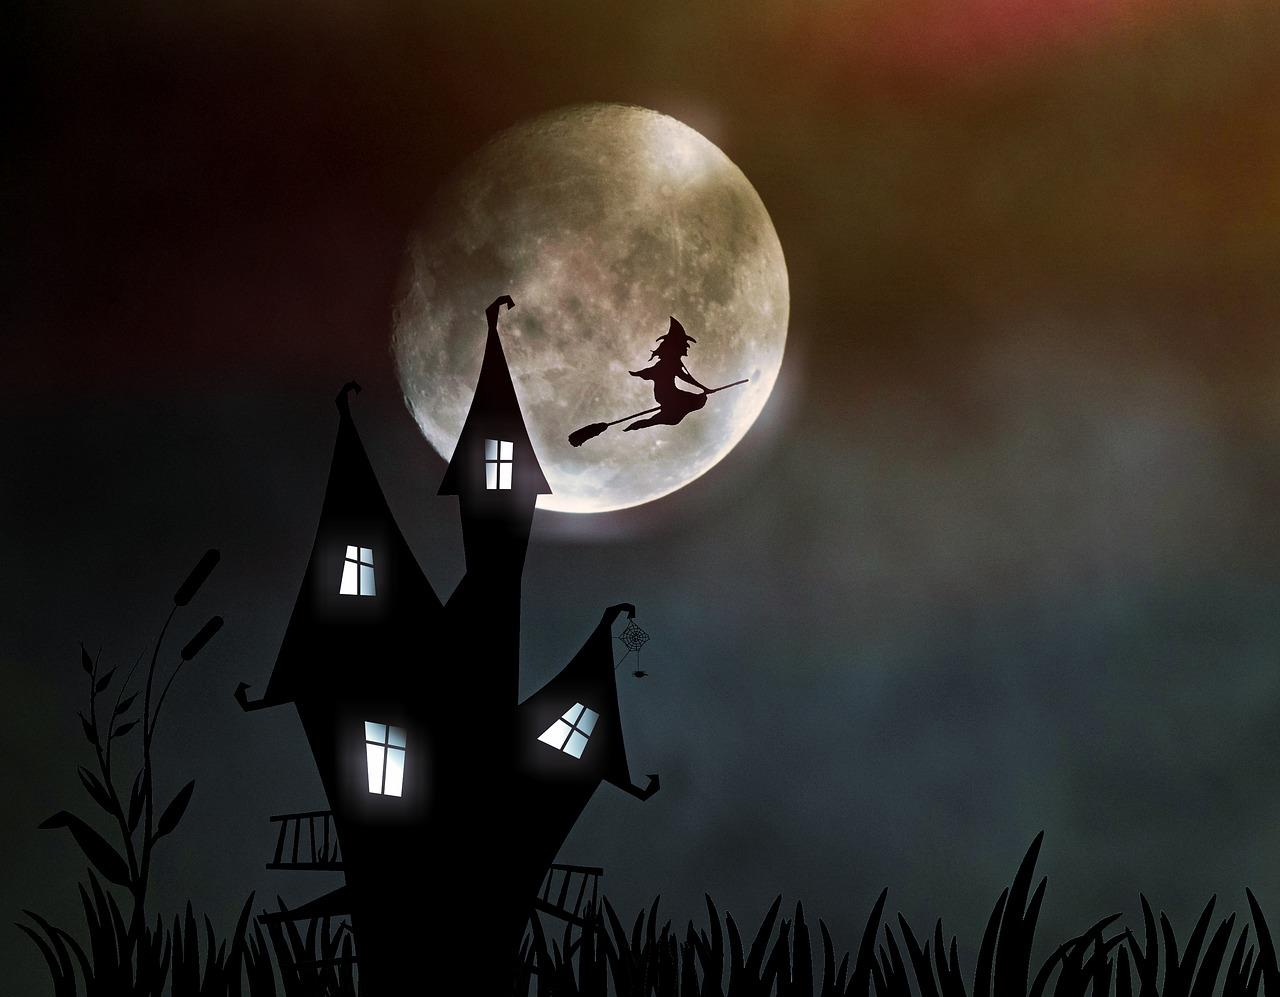 【ハロウィンデート】カップルでハロウィンを楽しむ方法【秋デート】